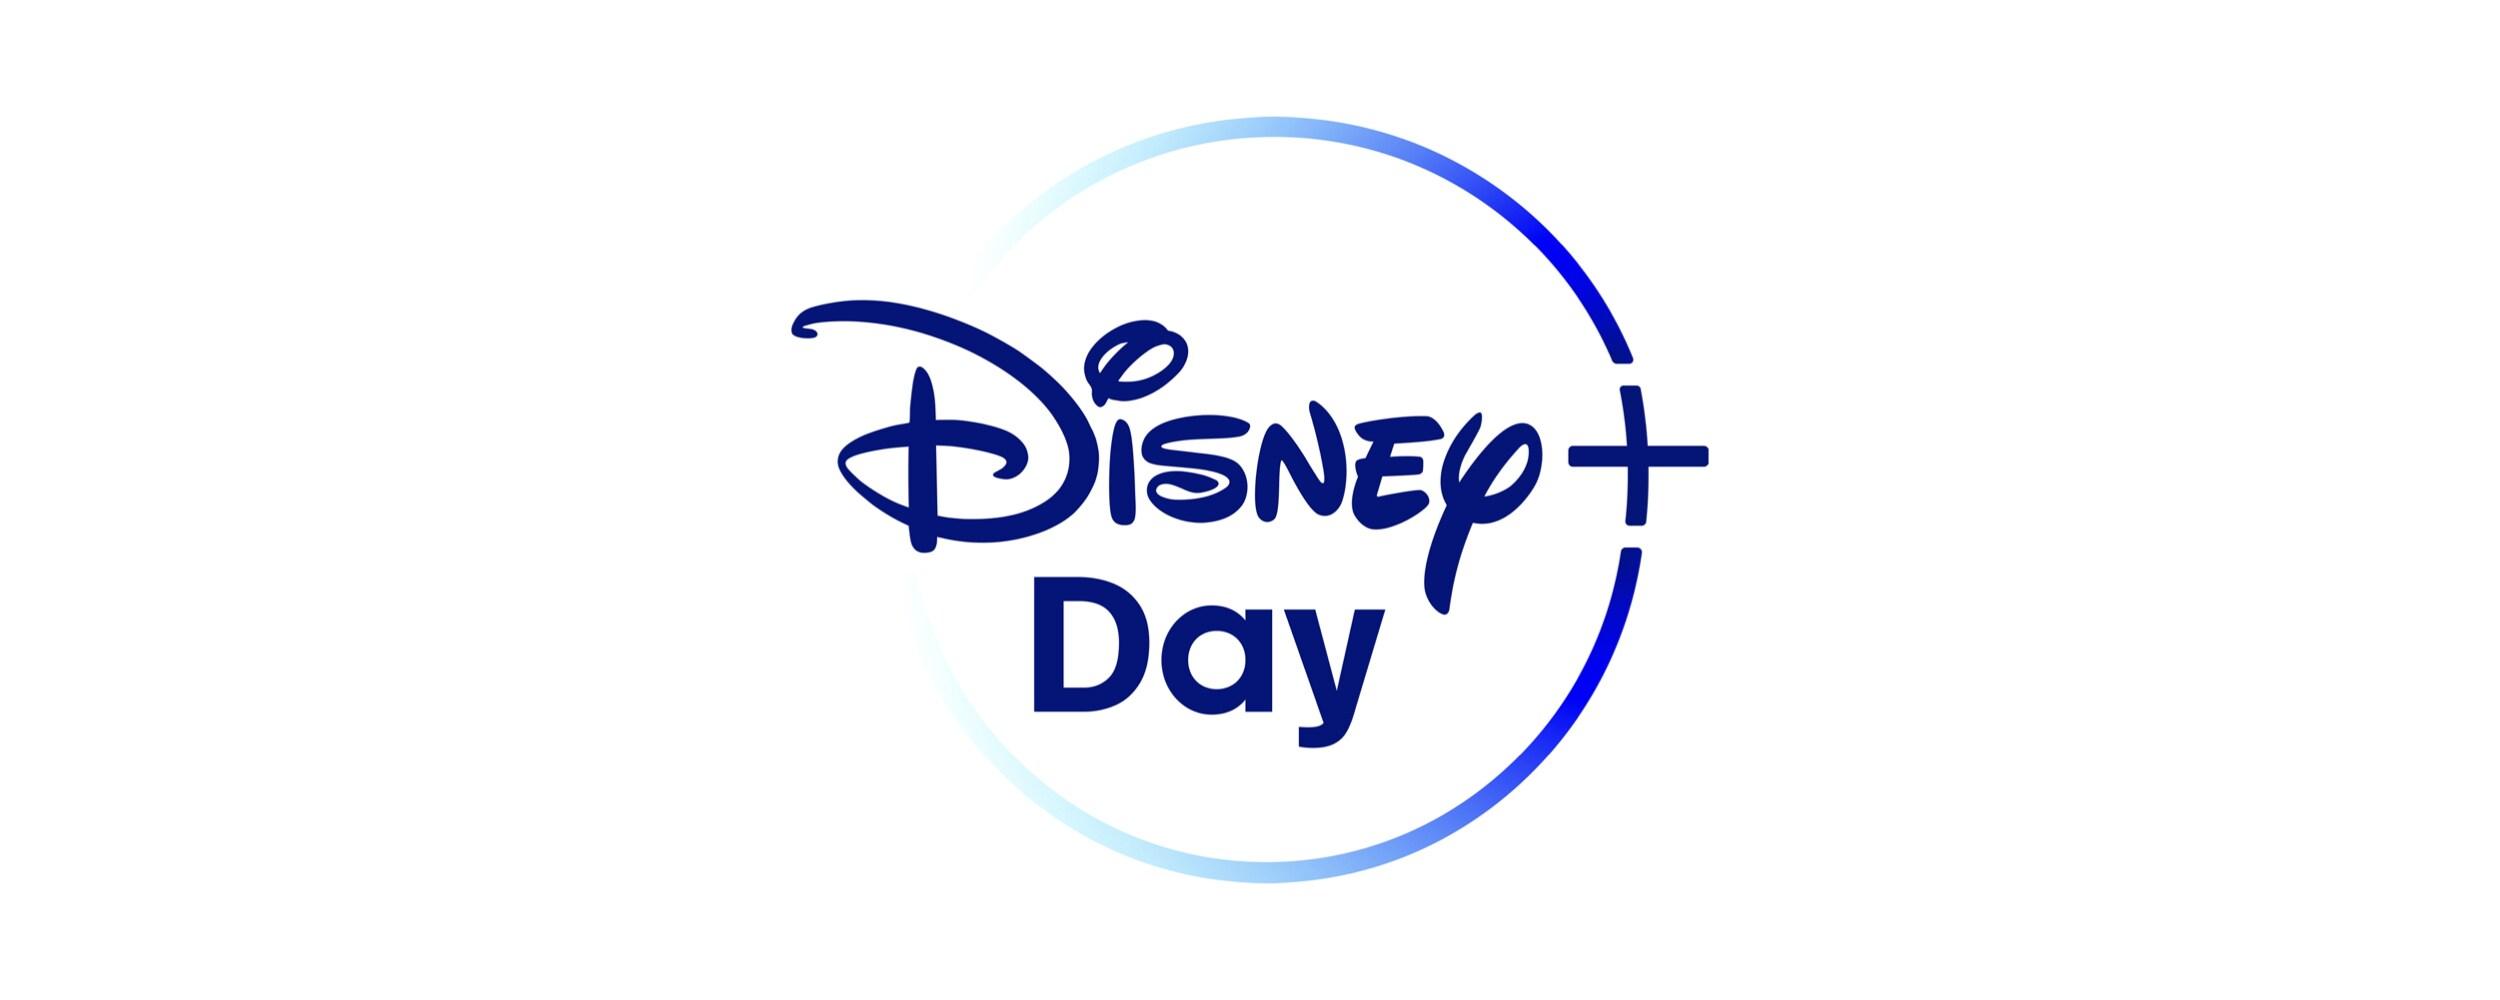 Disney+ Day: Lista de lançamentos incluem Star Wars, Marvel, Pixar e mais